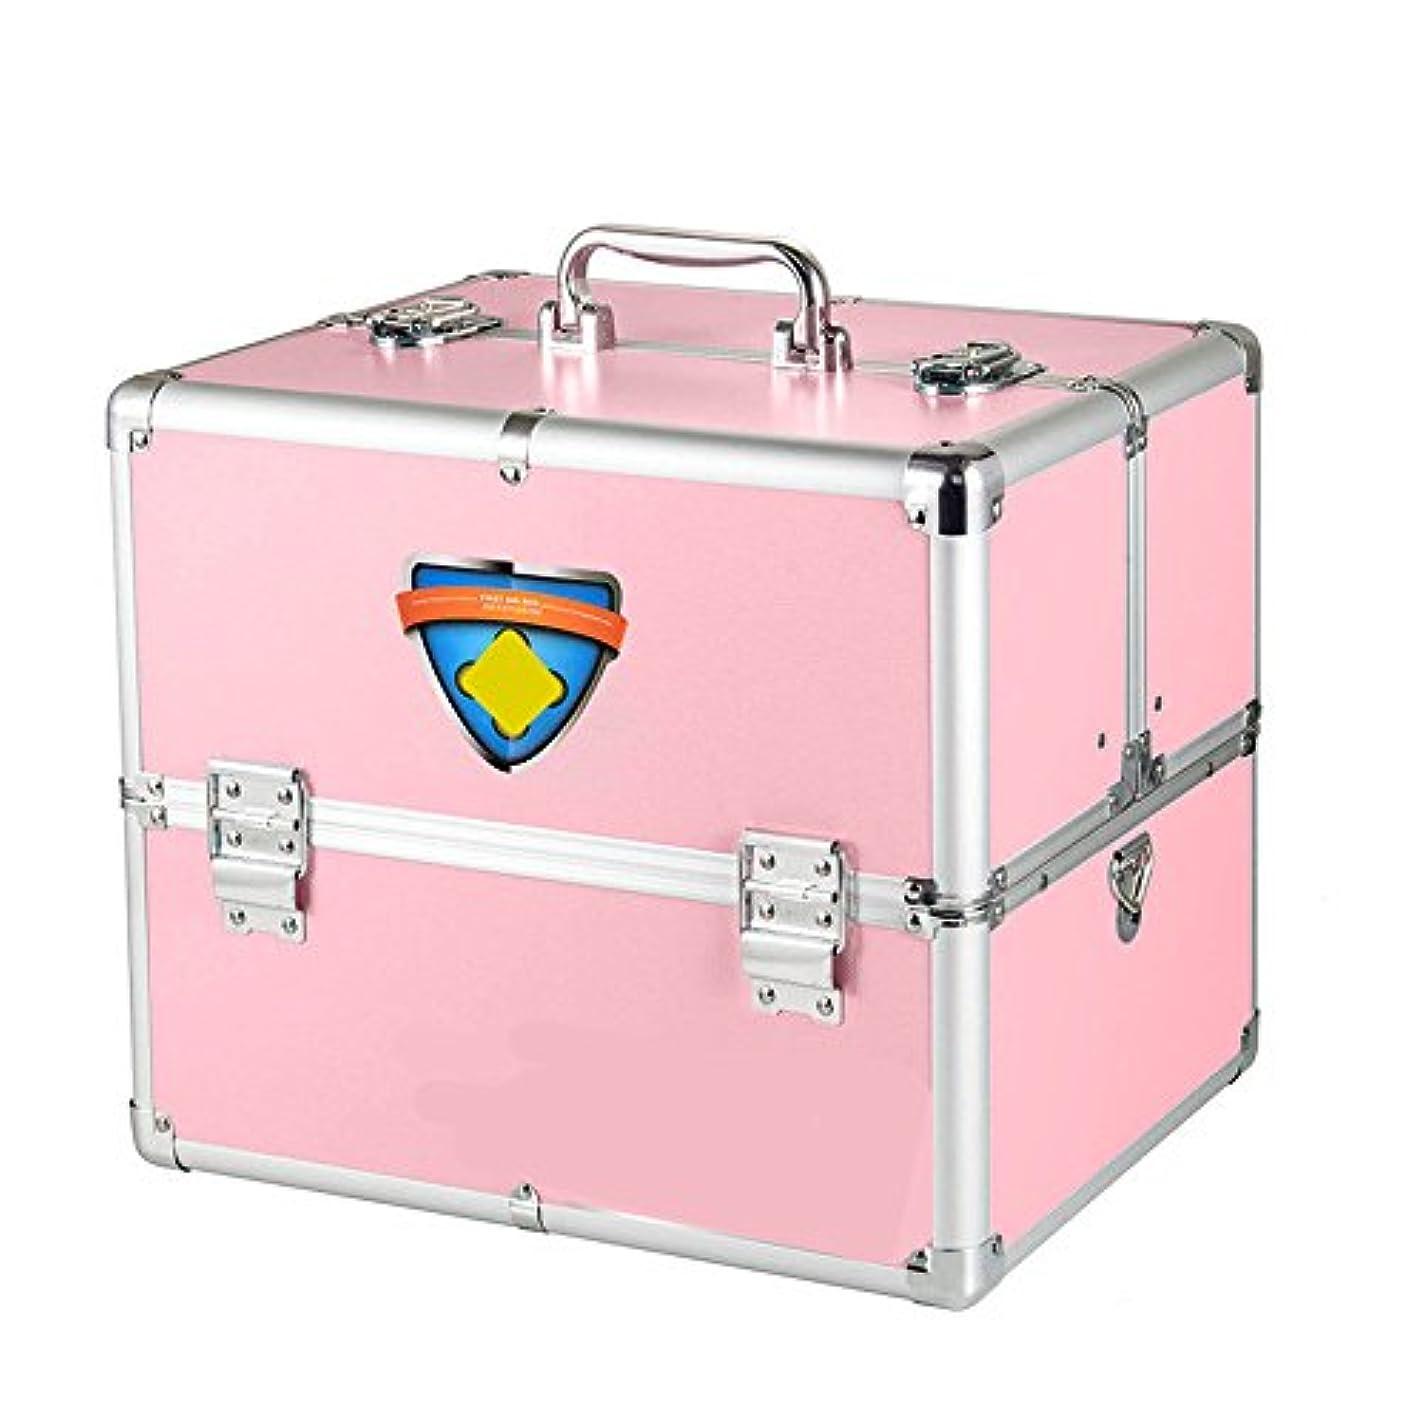 ひどく温室ハイライト応急処置キット 医療旅行や家庭旅行や職場でのコンテナのためのロック可能な2階建て応急処置キット ストレージ救急用品 (Color : Pink)